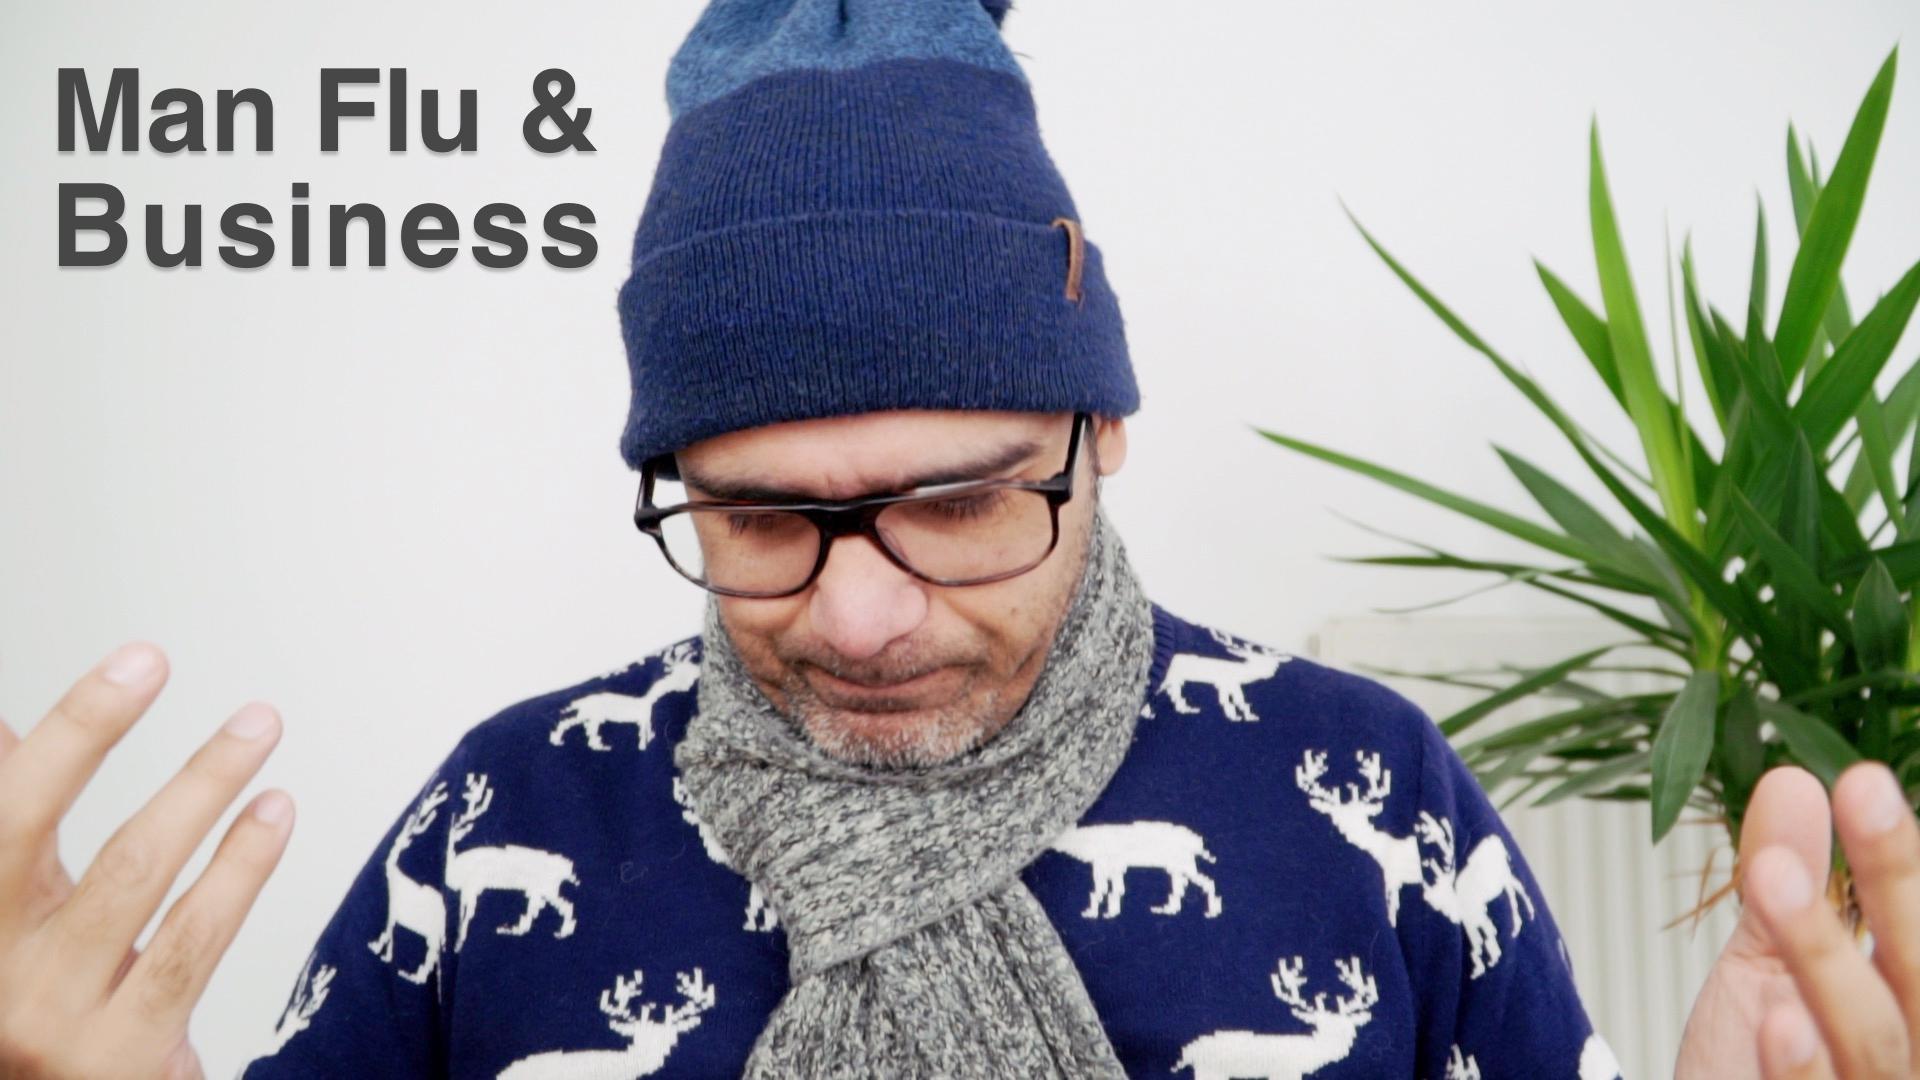 Man flu & business